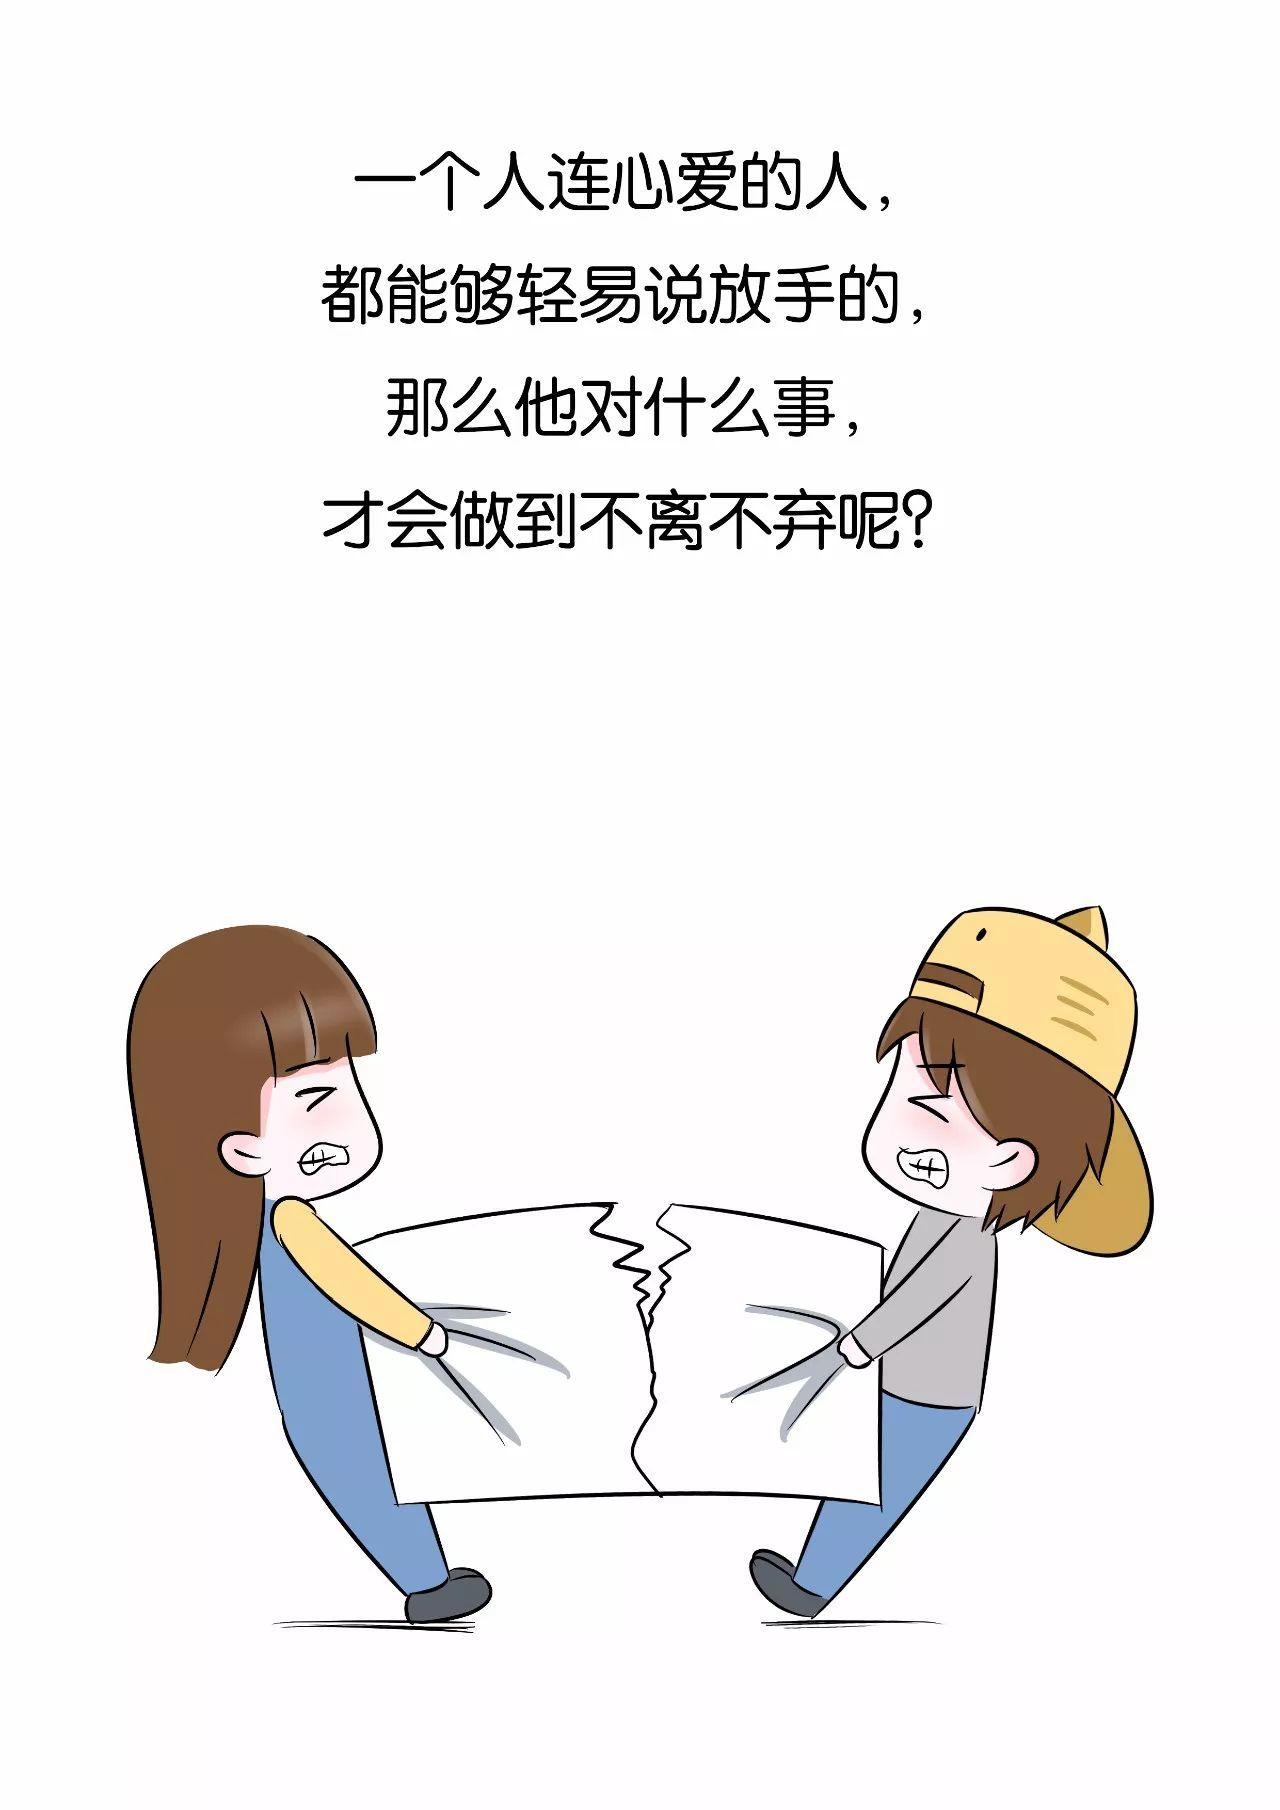 两口子吵架,看到第6张图你会笑,但笑后会沉默